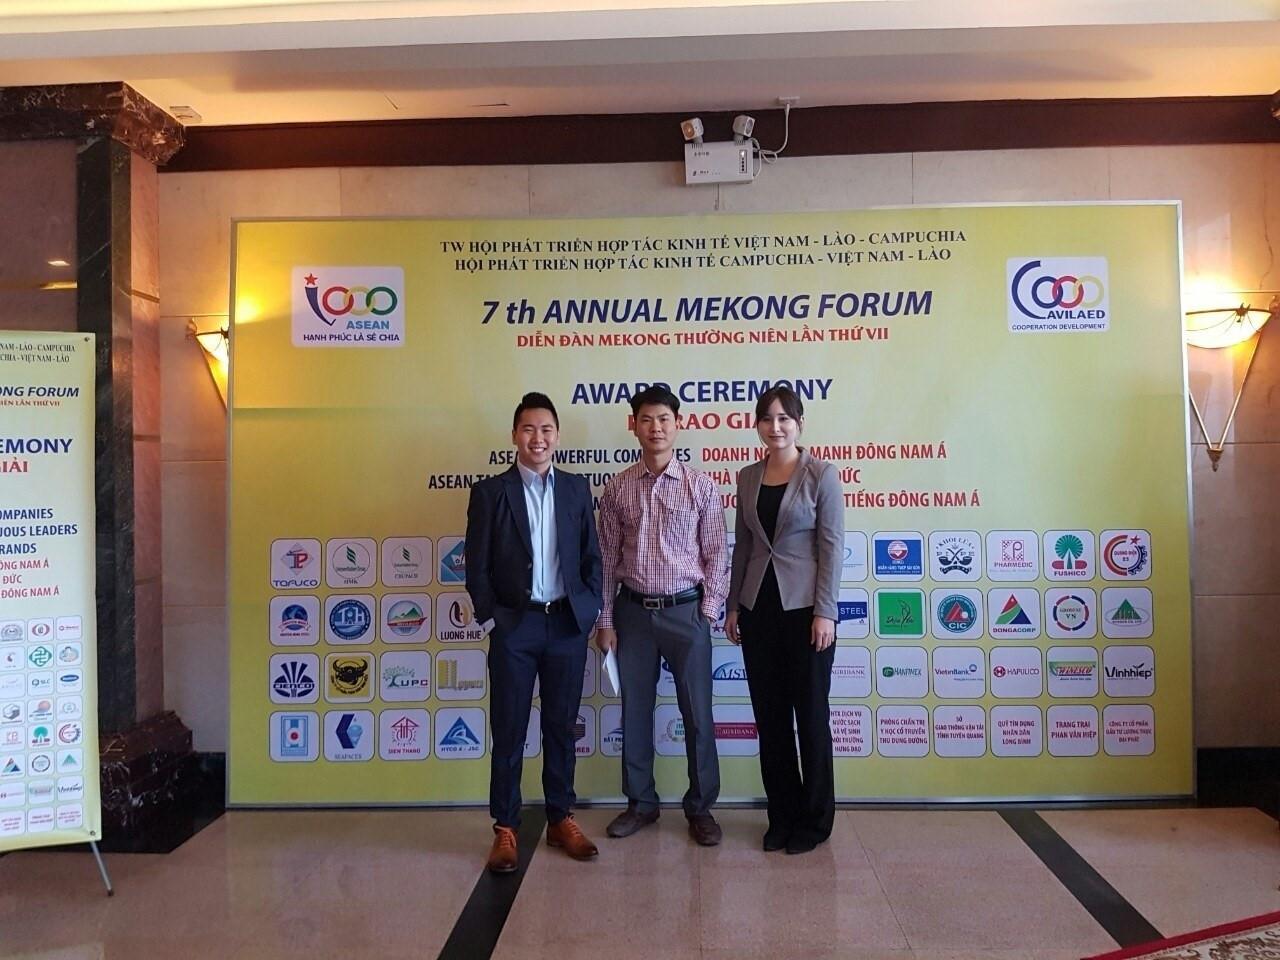 Sasha (ngoài cùng bên phải) chụp ảnh cùng các doanh nhân tại Việt Nam